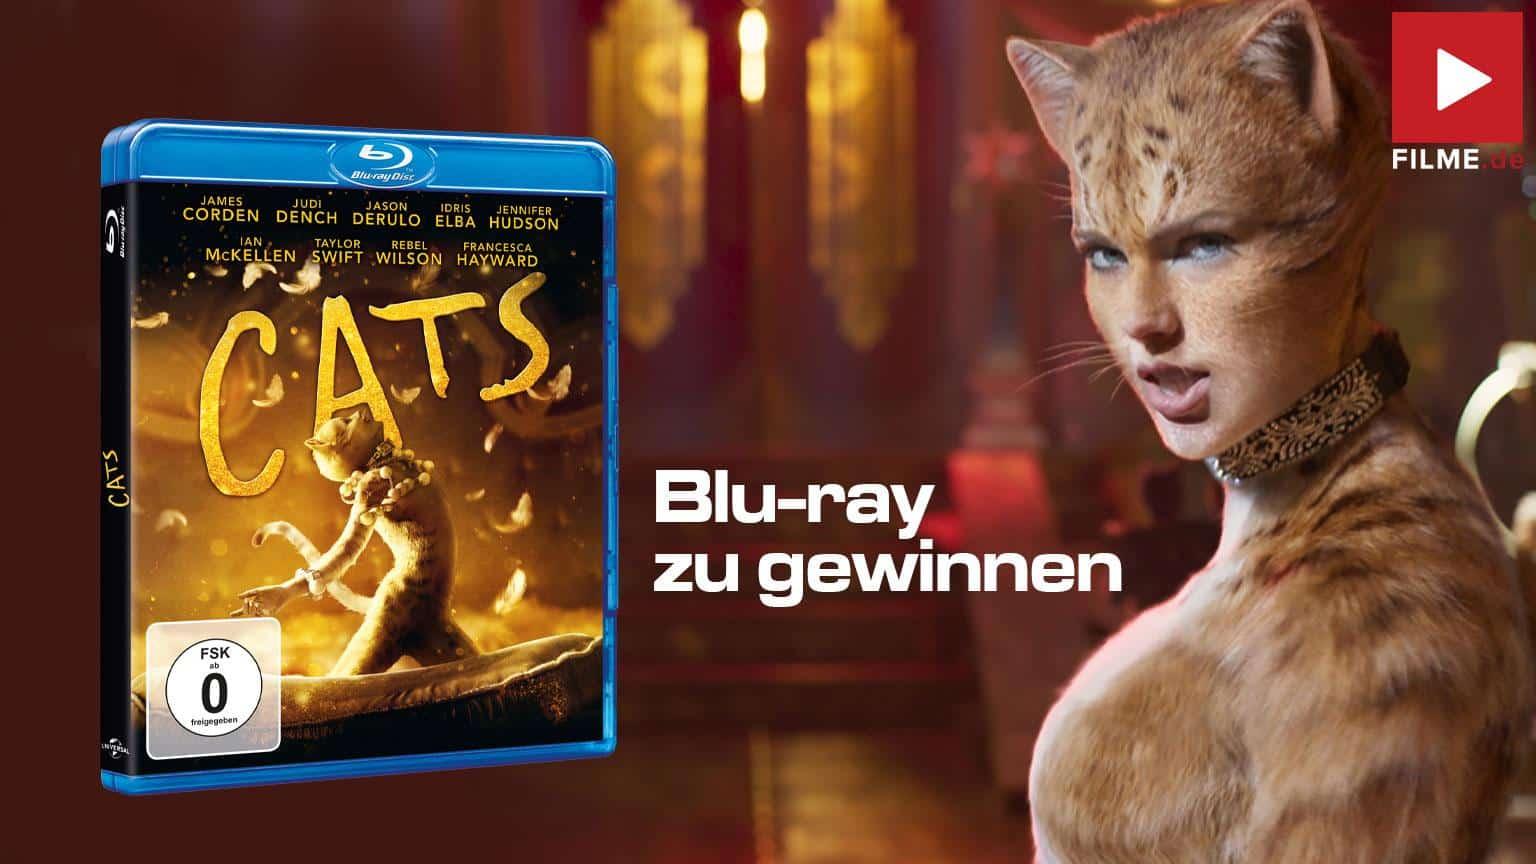 Cats Gewinnspiel gewinnen Film 2019 Artikelbild shop kaufen